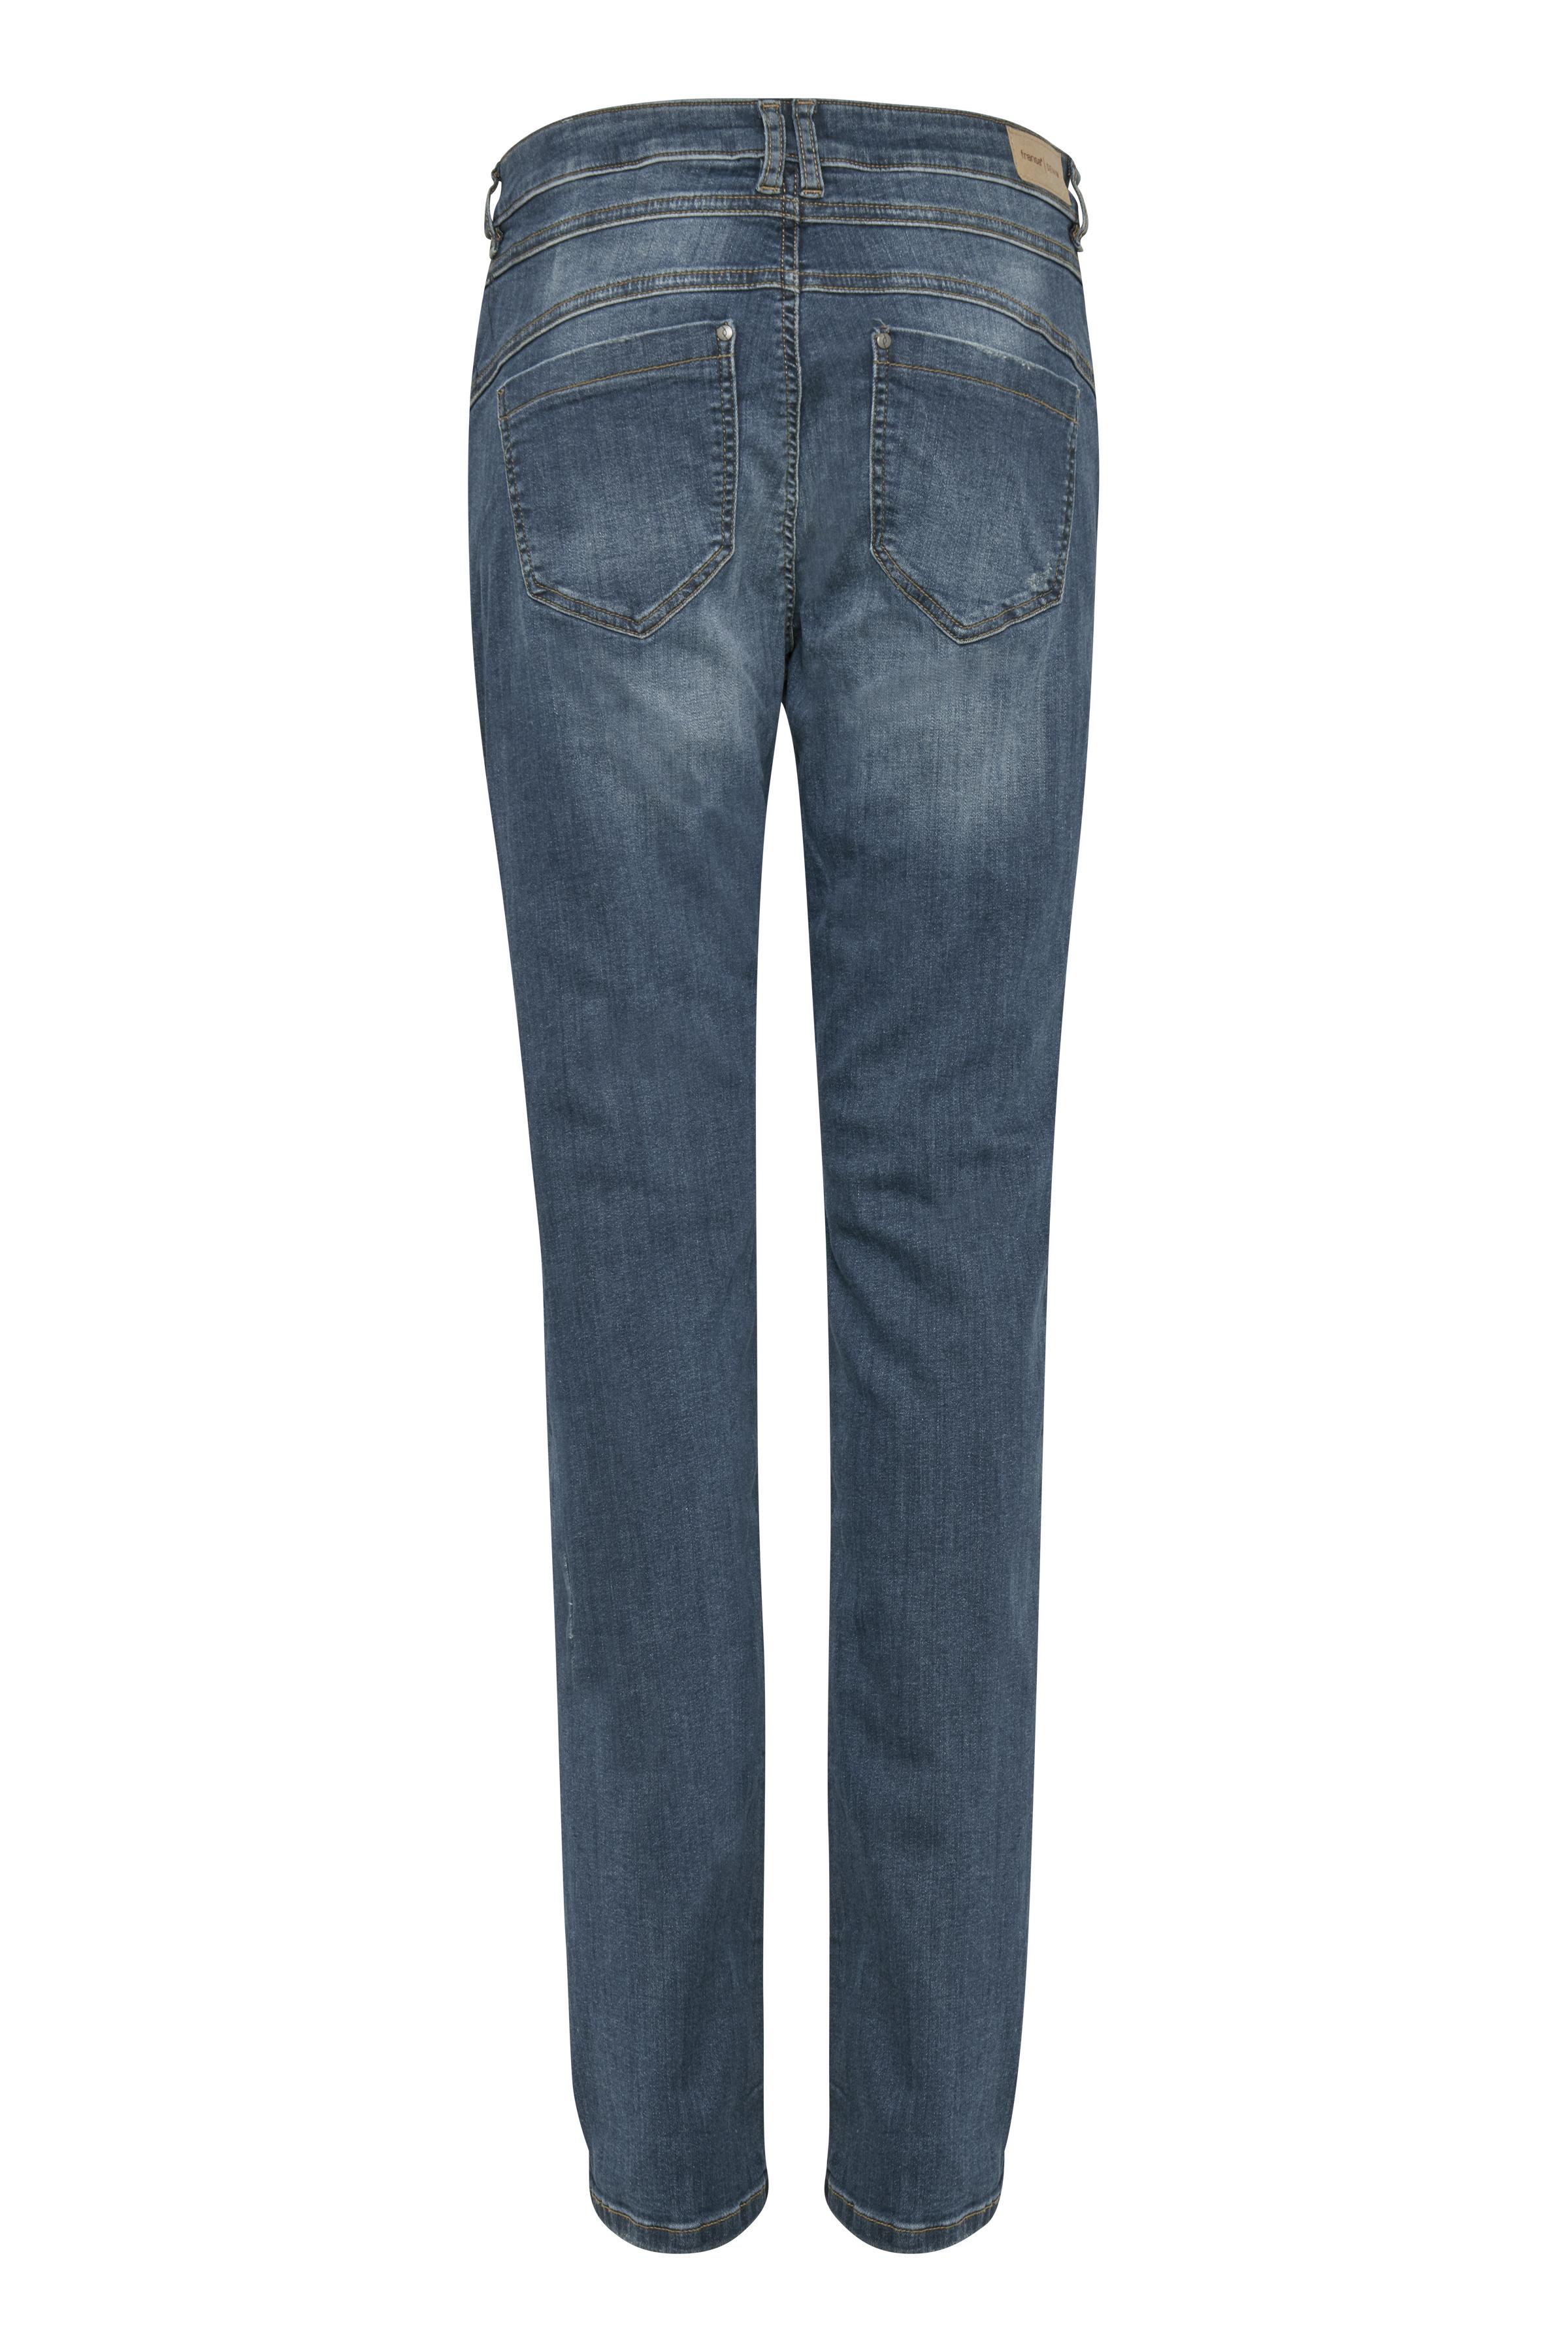 Denimblå Jeans fra Fransa – Køb Denimblå Jeans fra str. 32-46 her